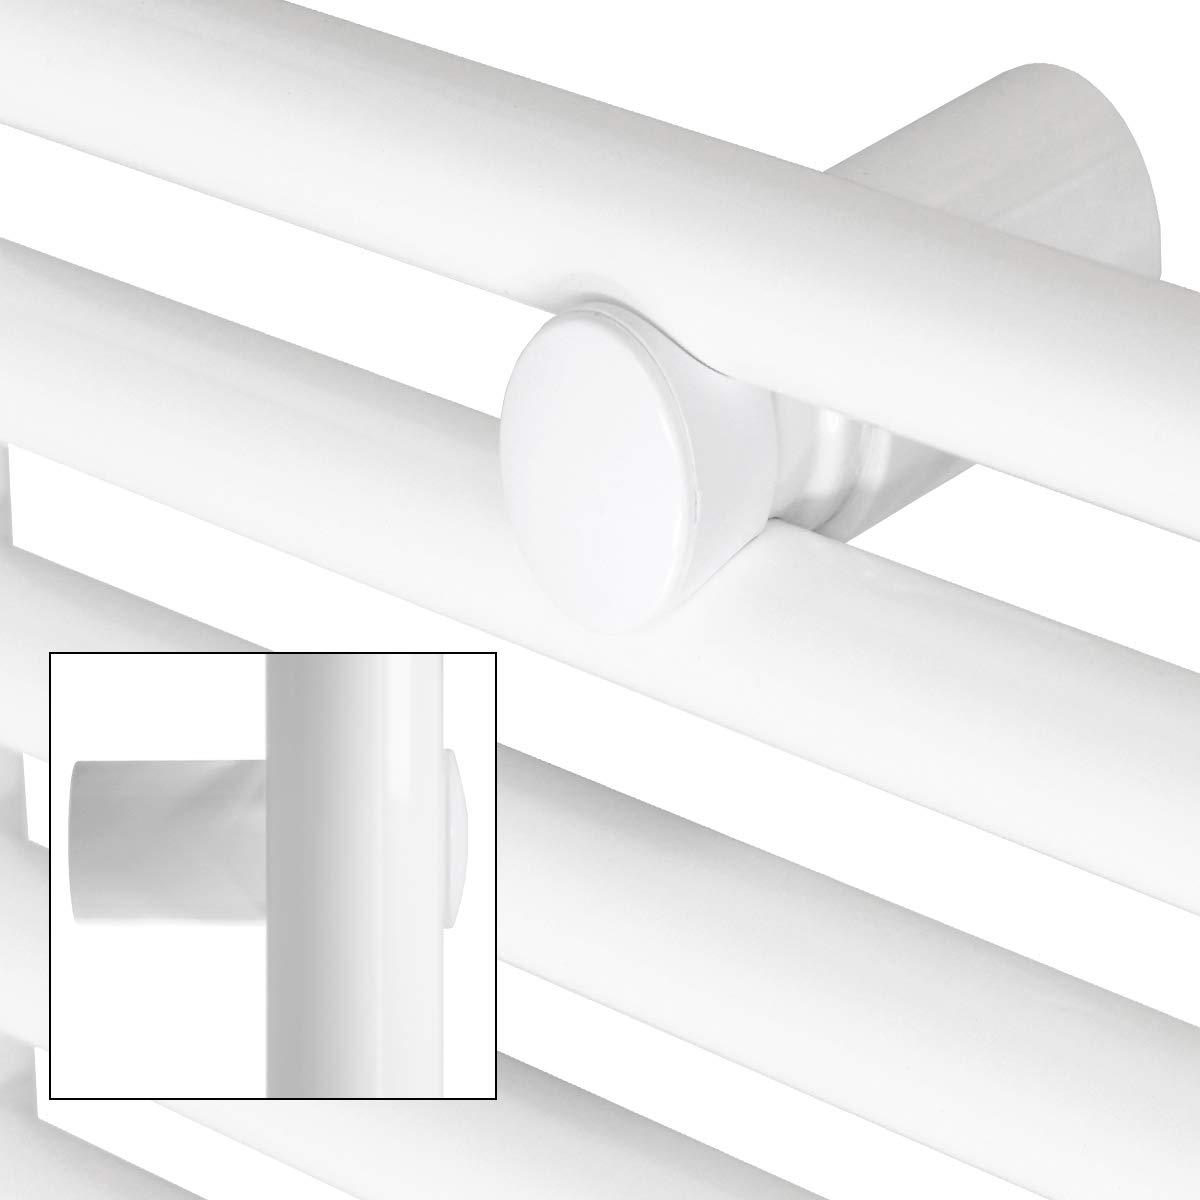 Wei/ß Heizk/örper Handtuchw/ärmer Handtuchtrockner 750 x 1200 mm ECD Germany Badheizk/örper gerade mit Seitenanschluss